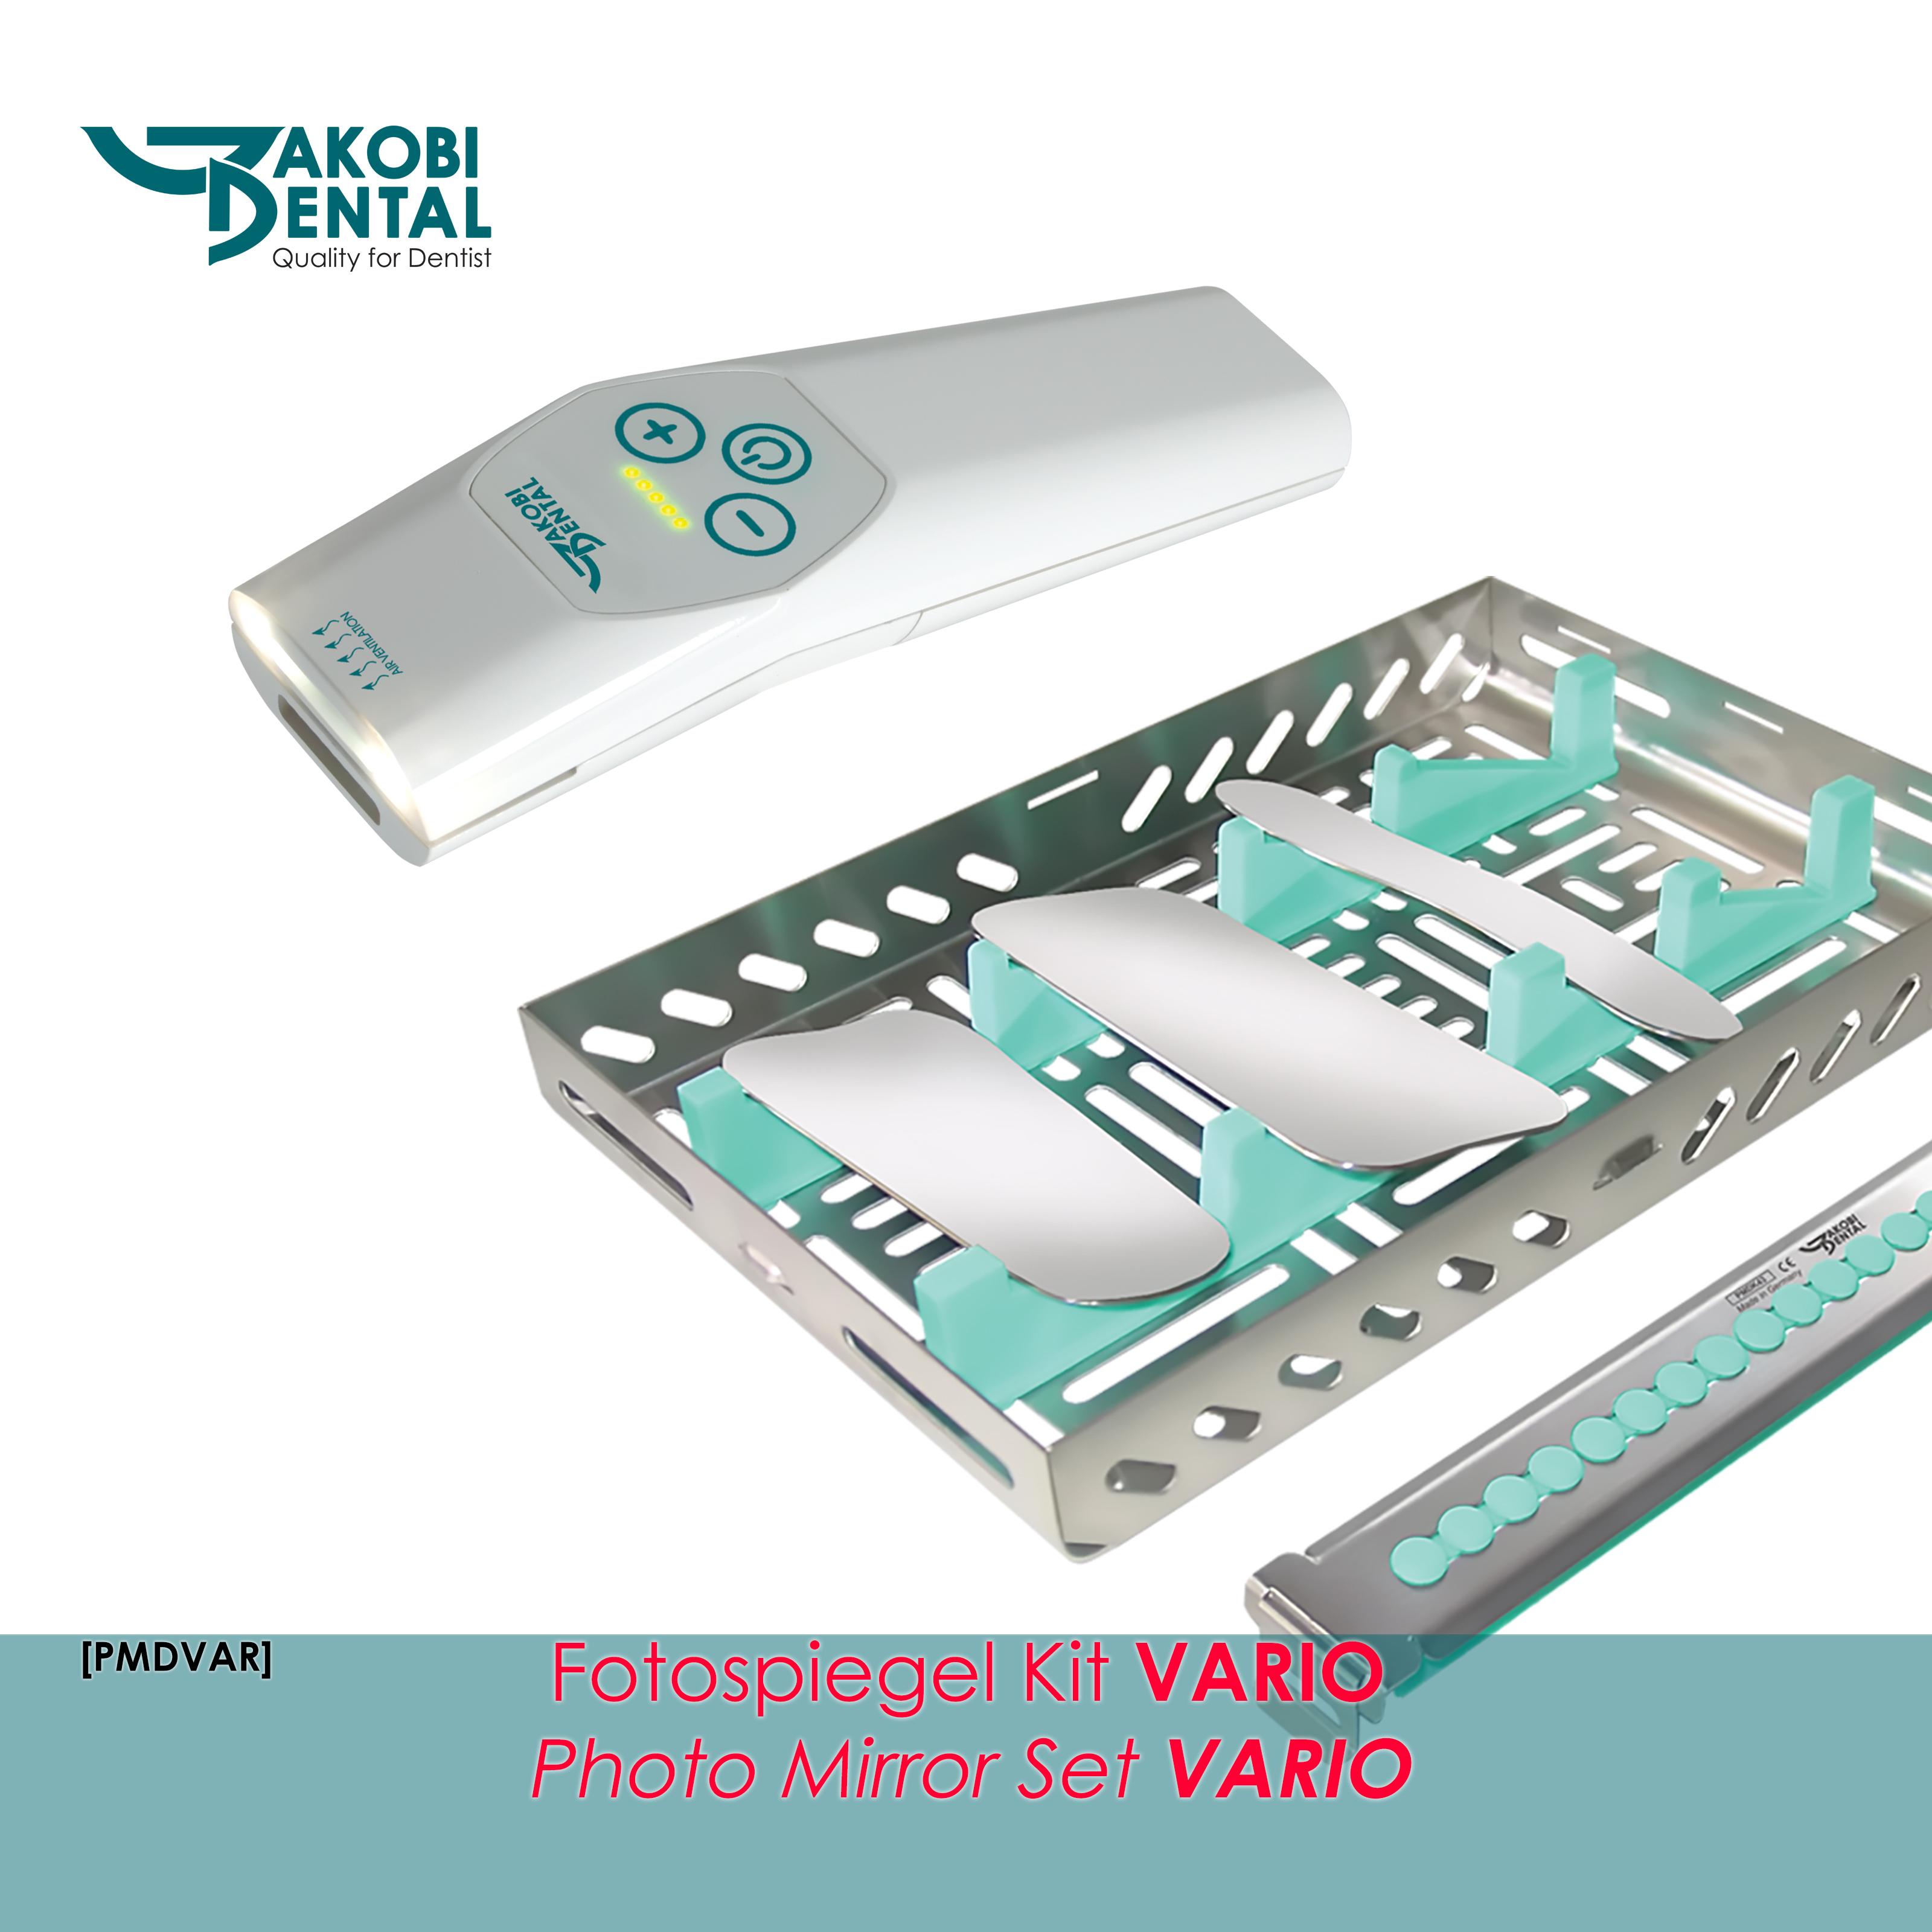 Fotospiegel-Kit VARIO mit 3 Fotospiegel nach Wahl